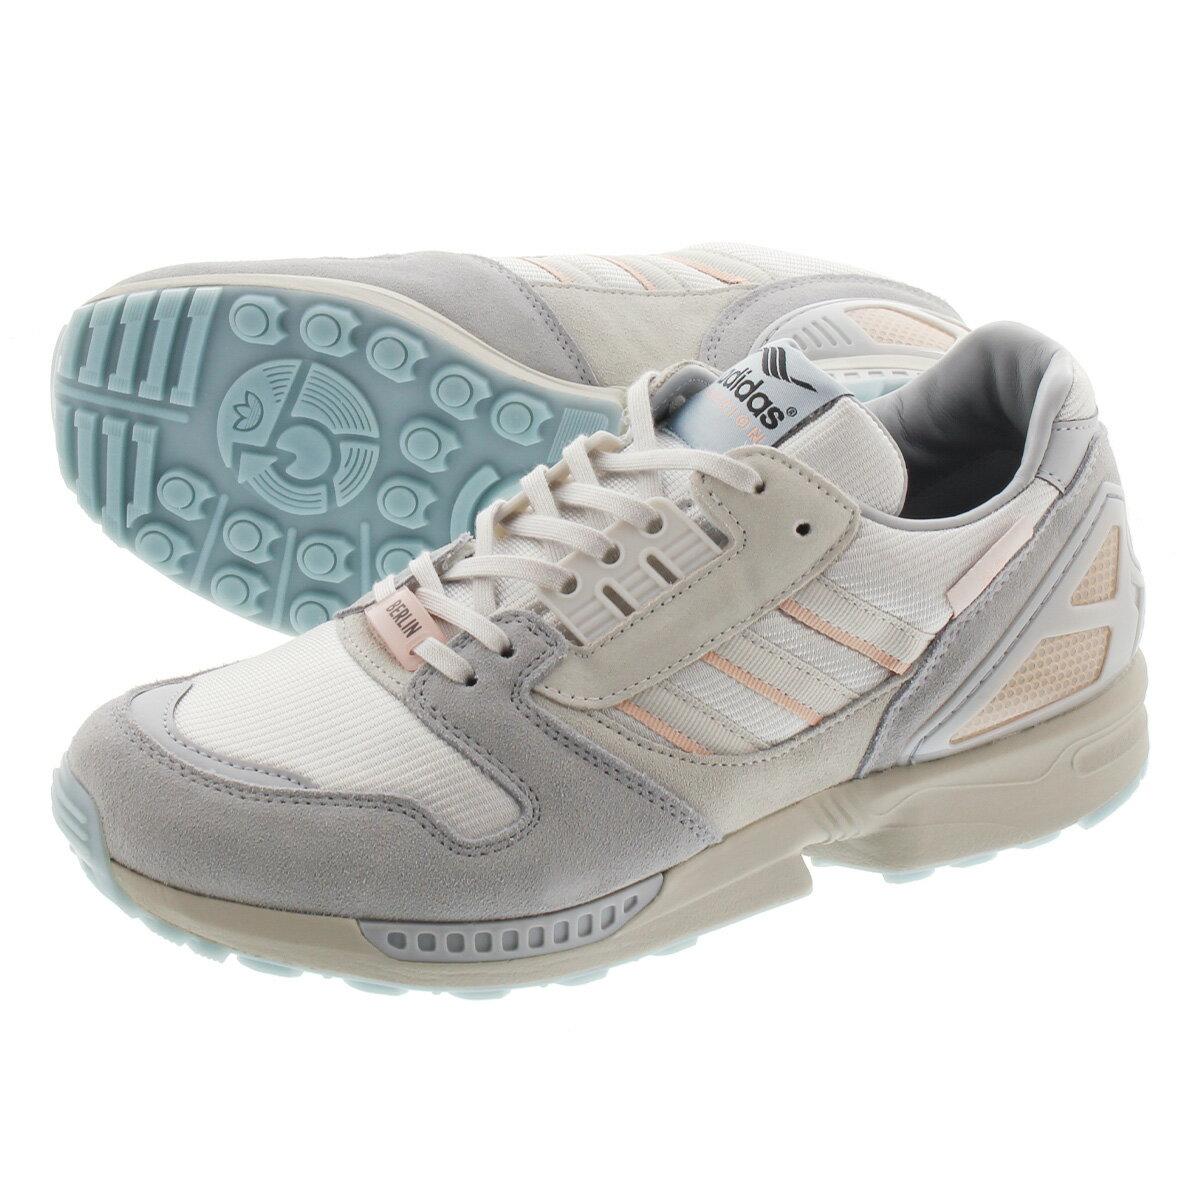 メンズ靴, スニーカー  adidas ZX 8000 ZX 8000 GREY ONEVAPOR PINKGREY TWO fu7311